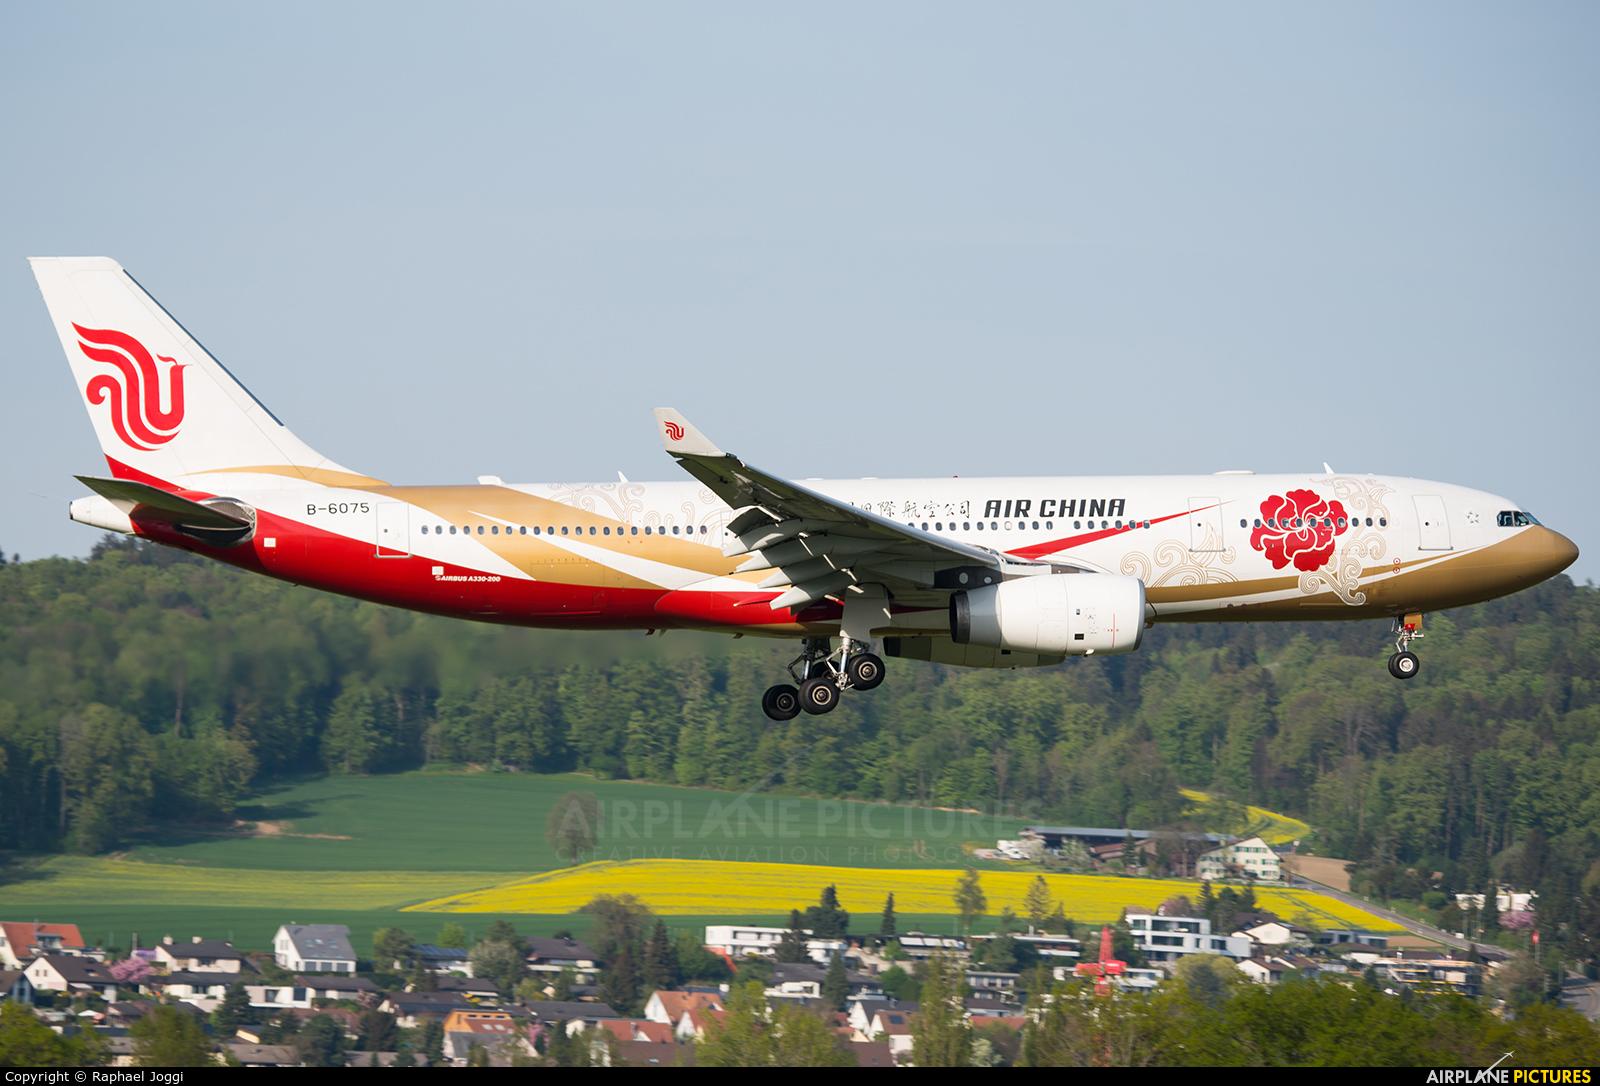 Air China B-6075 aircraft at Zurich